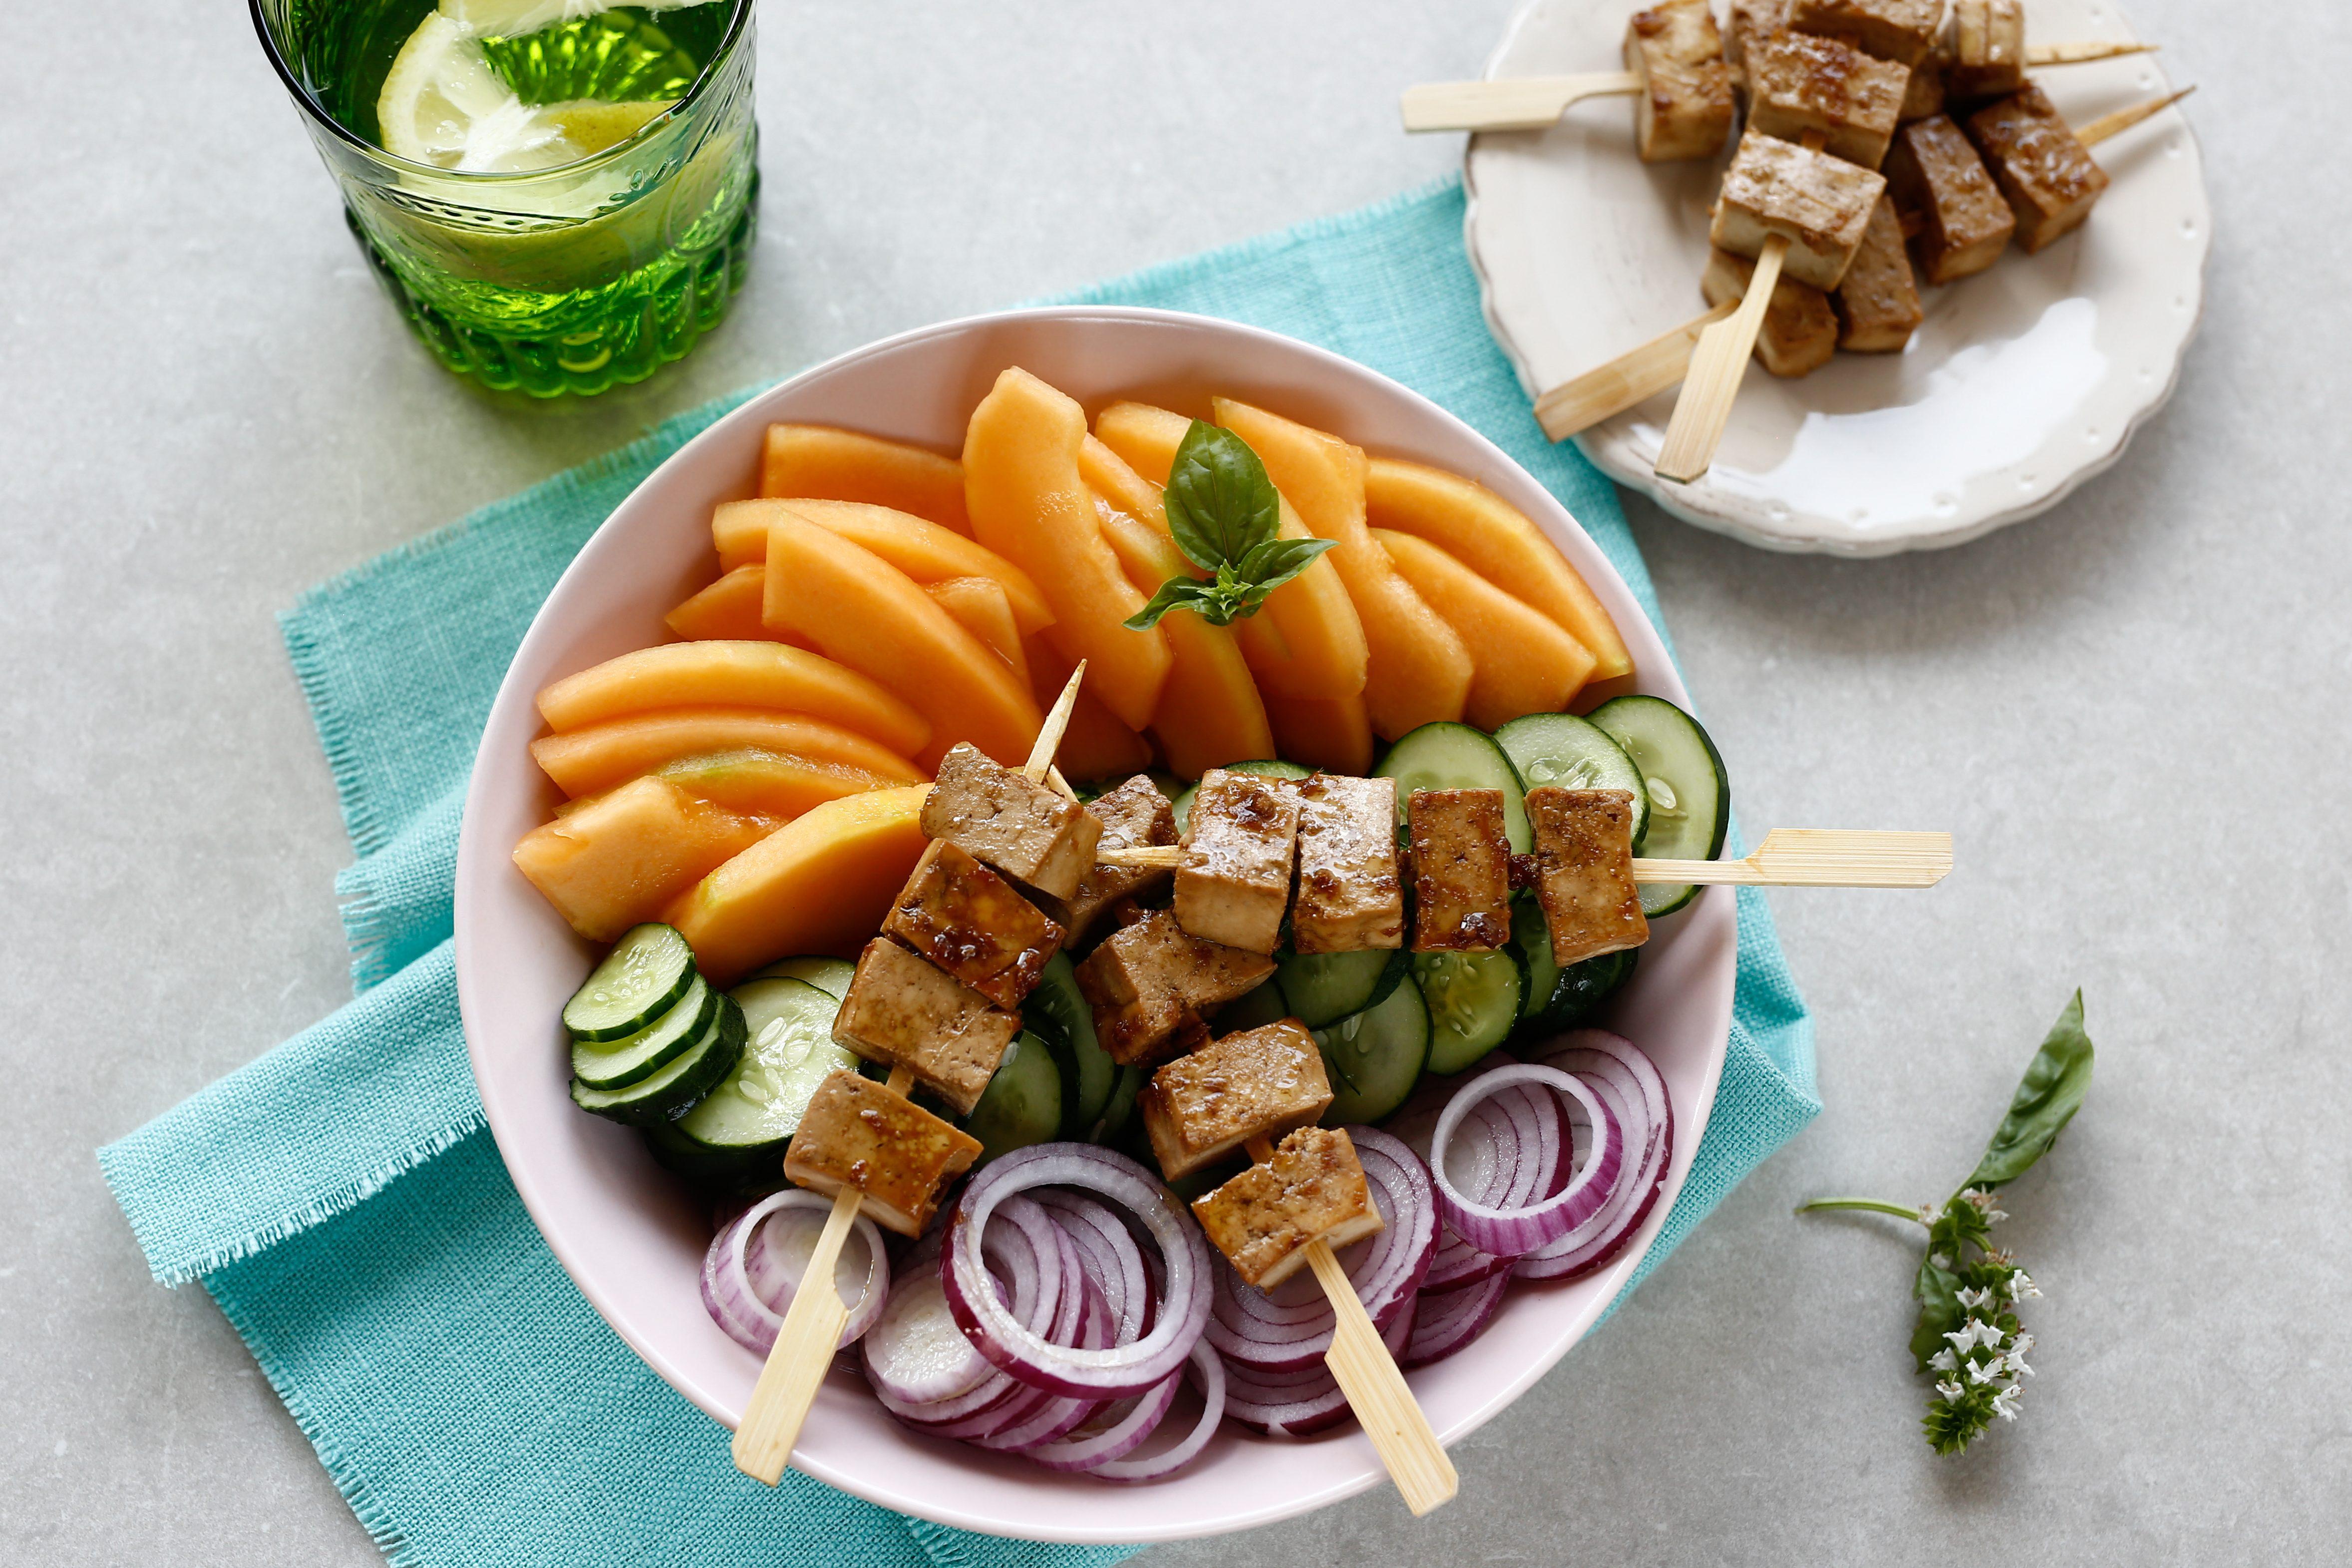 Spiedini di tofu con insalata di melone e cetrioli: la ricetta del piatto fresco e goloso